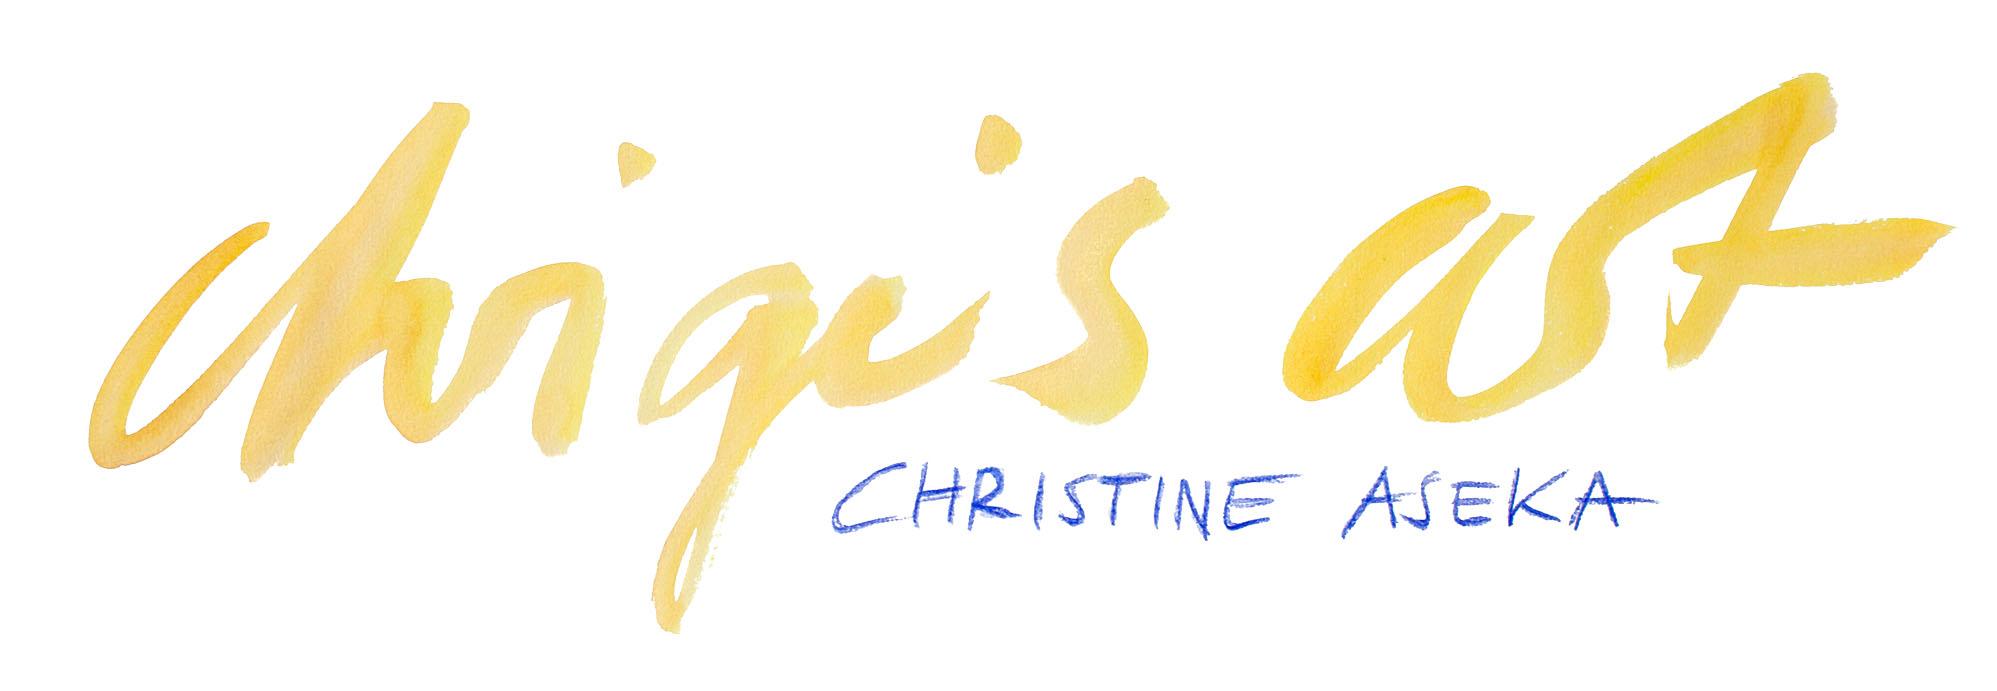 Christine Aseka